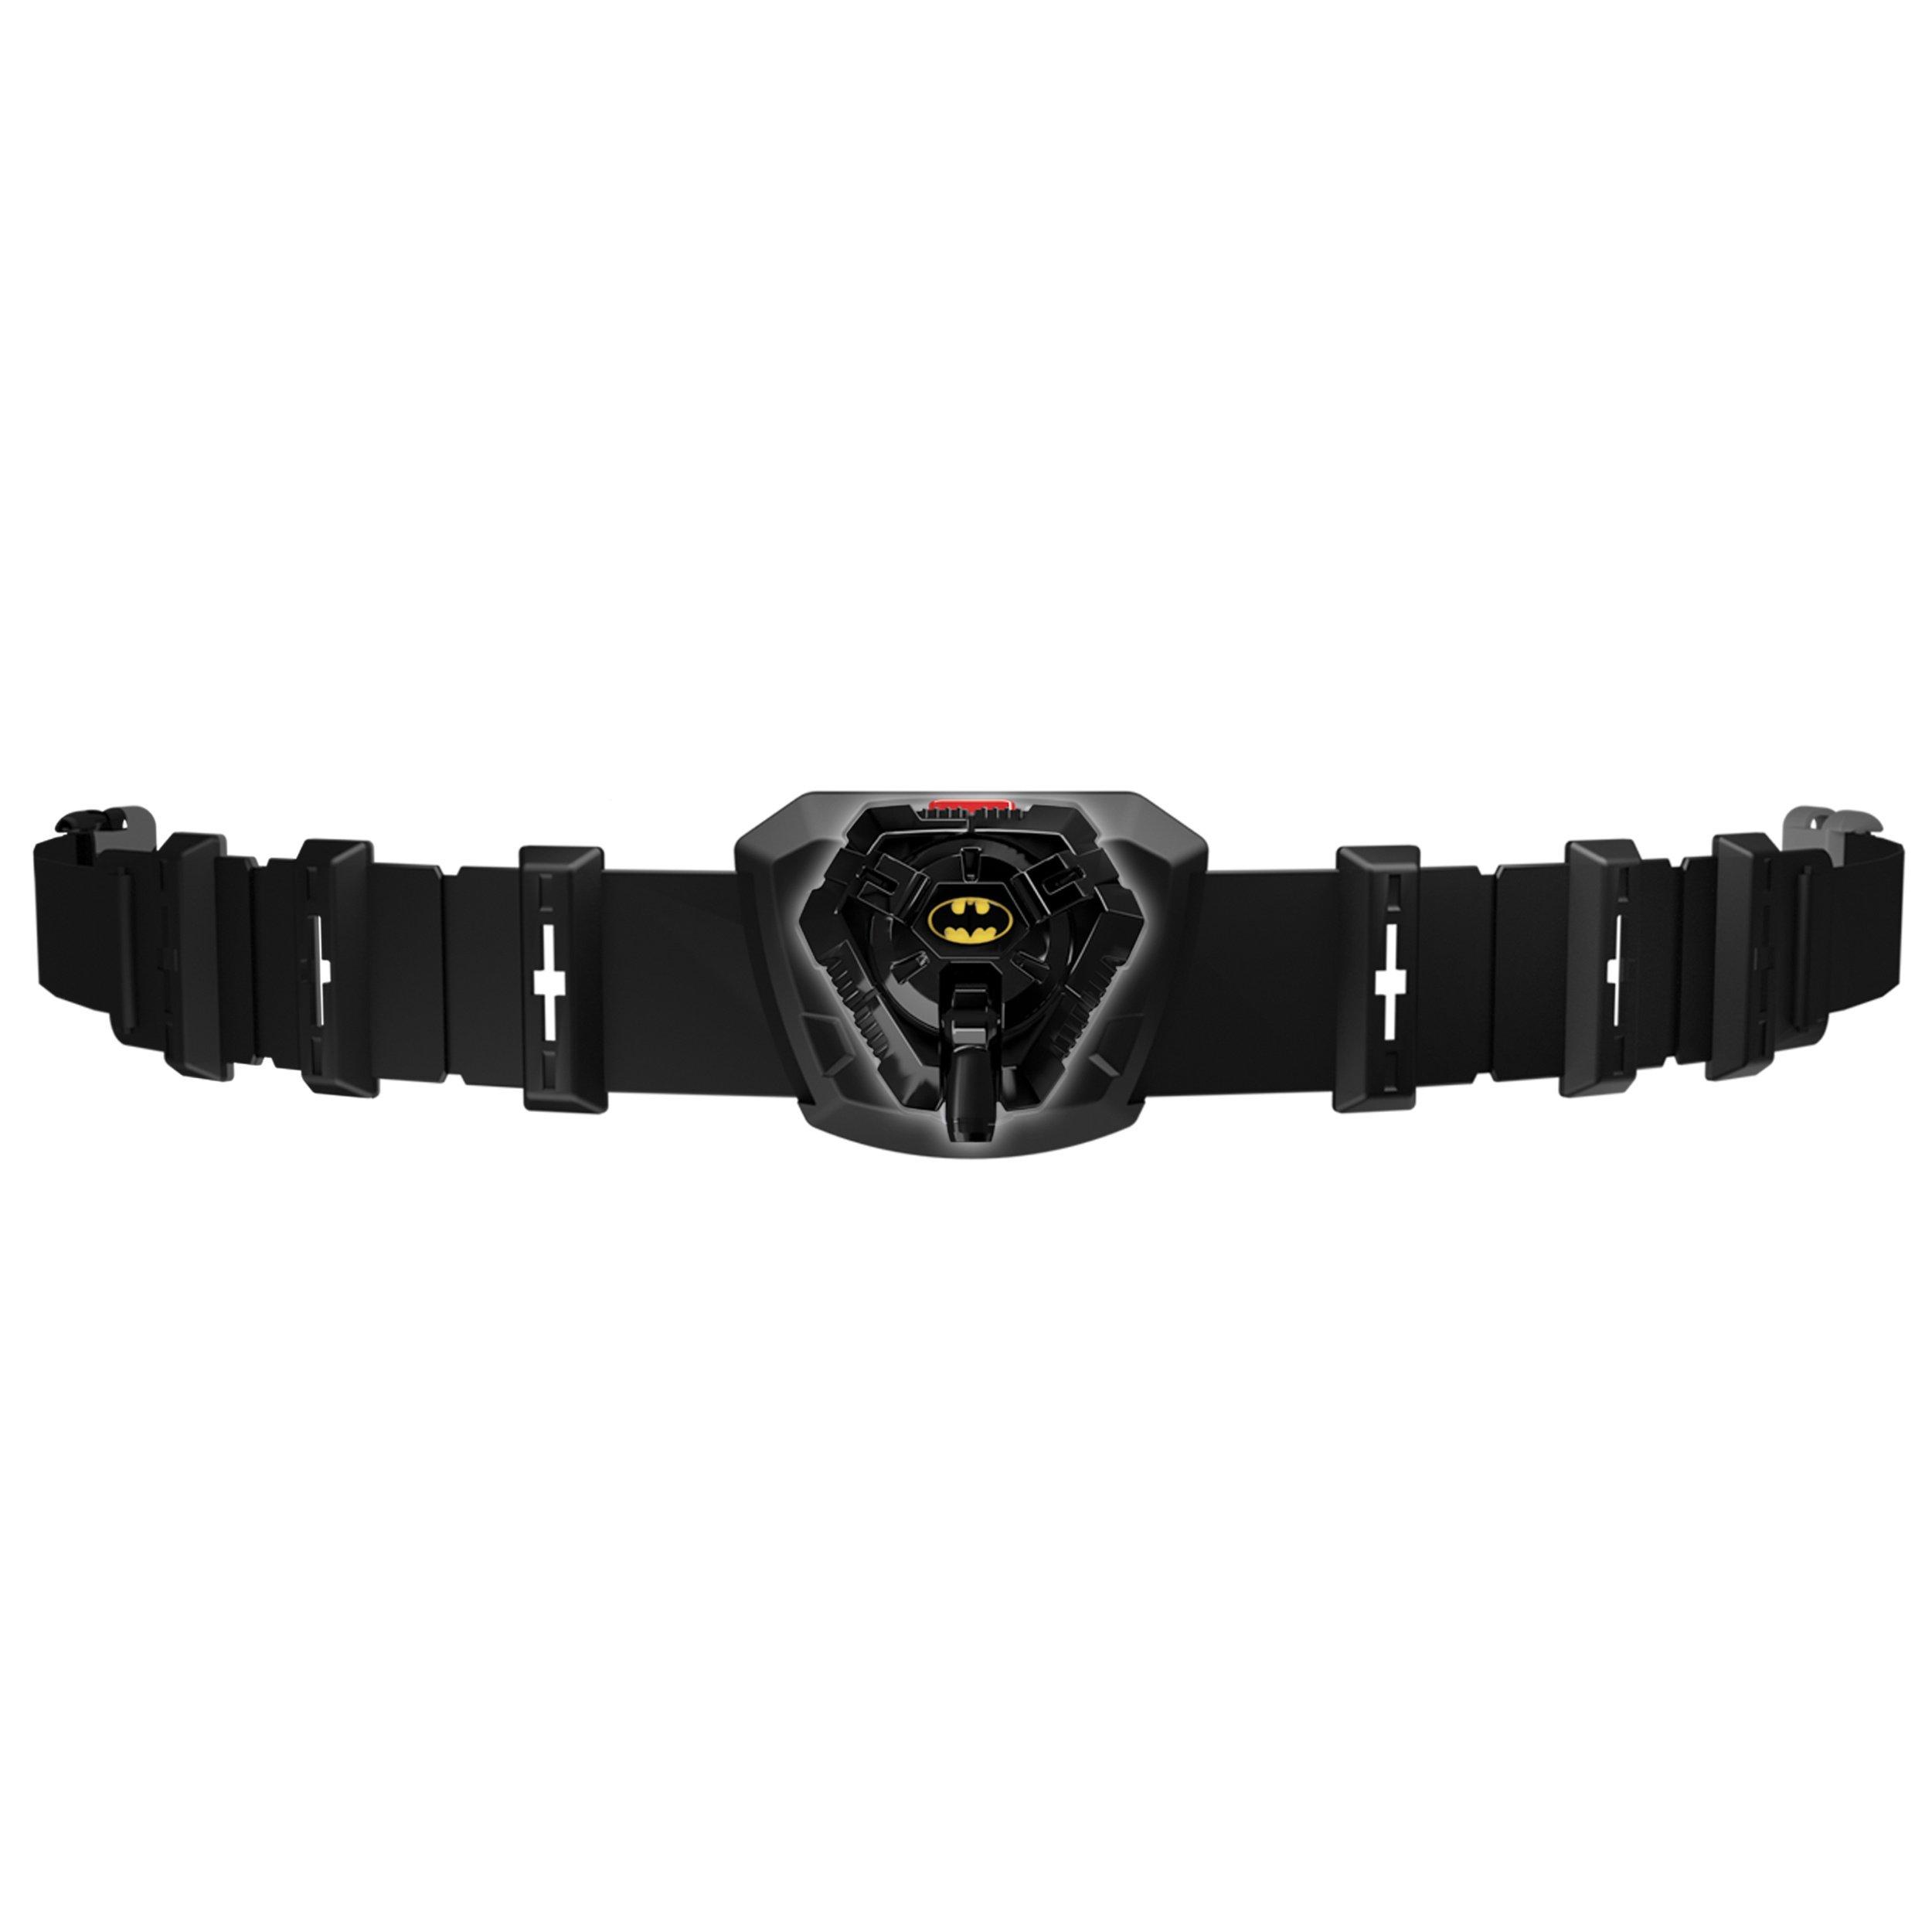 Spy Gear - Batman Utility Belt